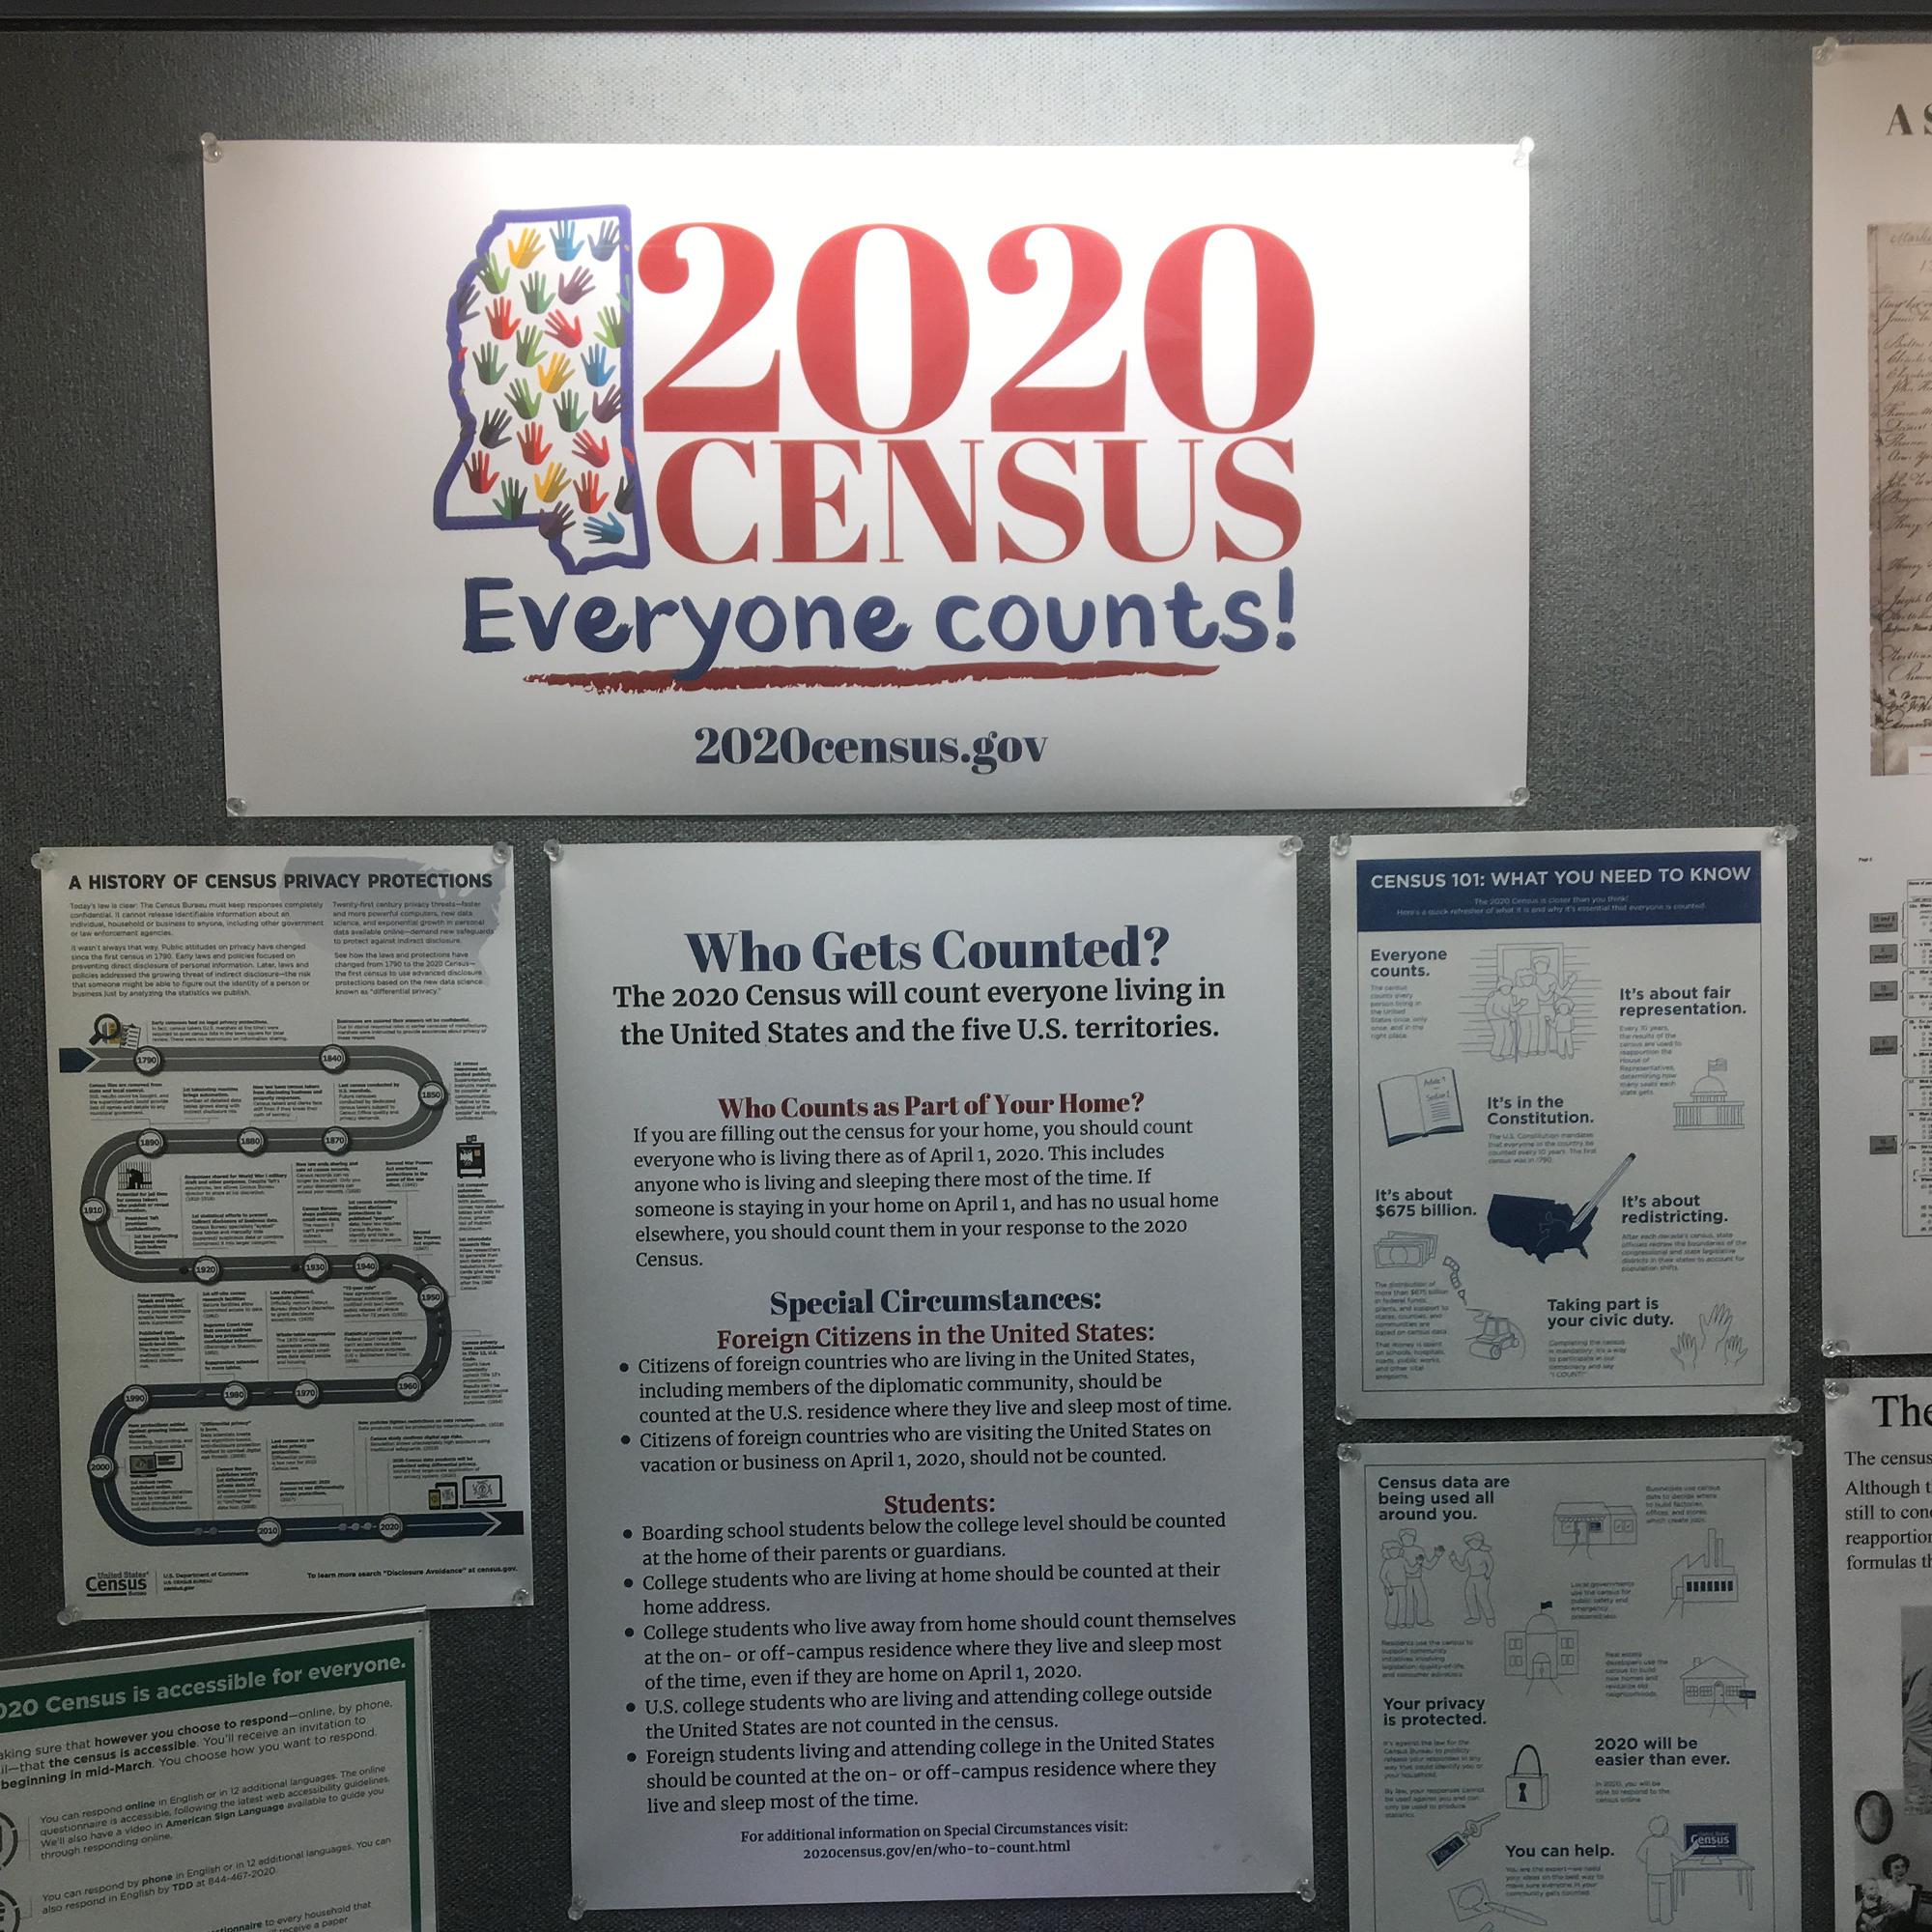 Census 2020 display